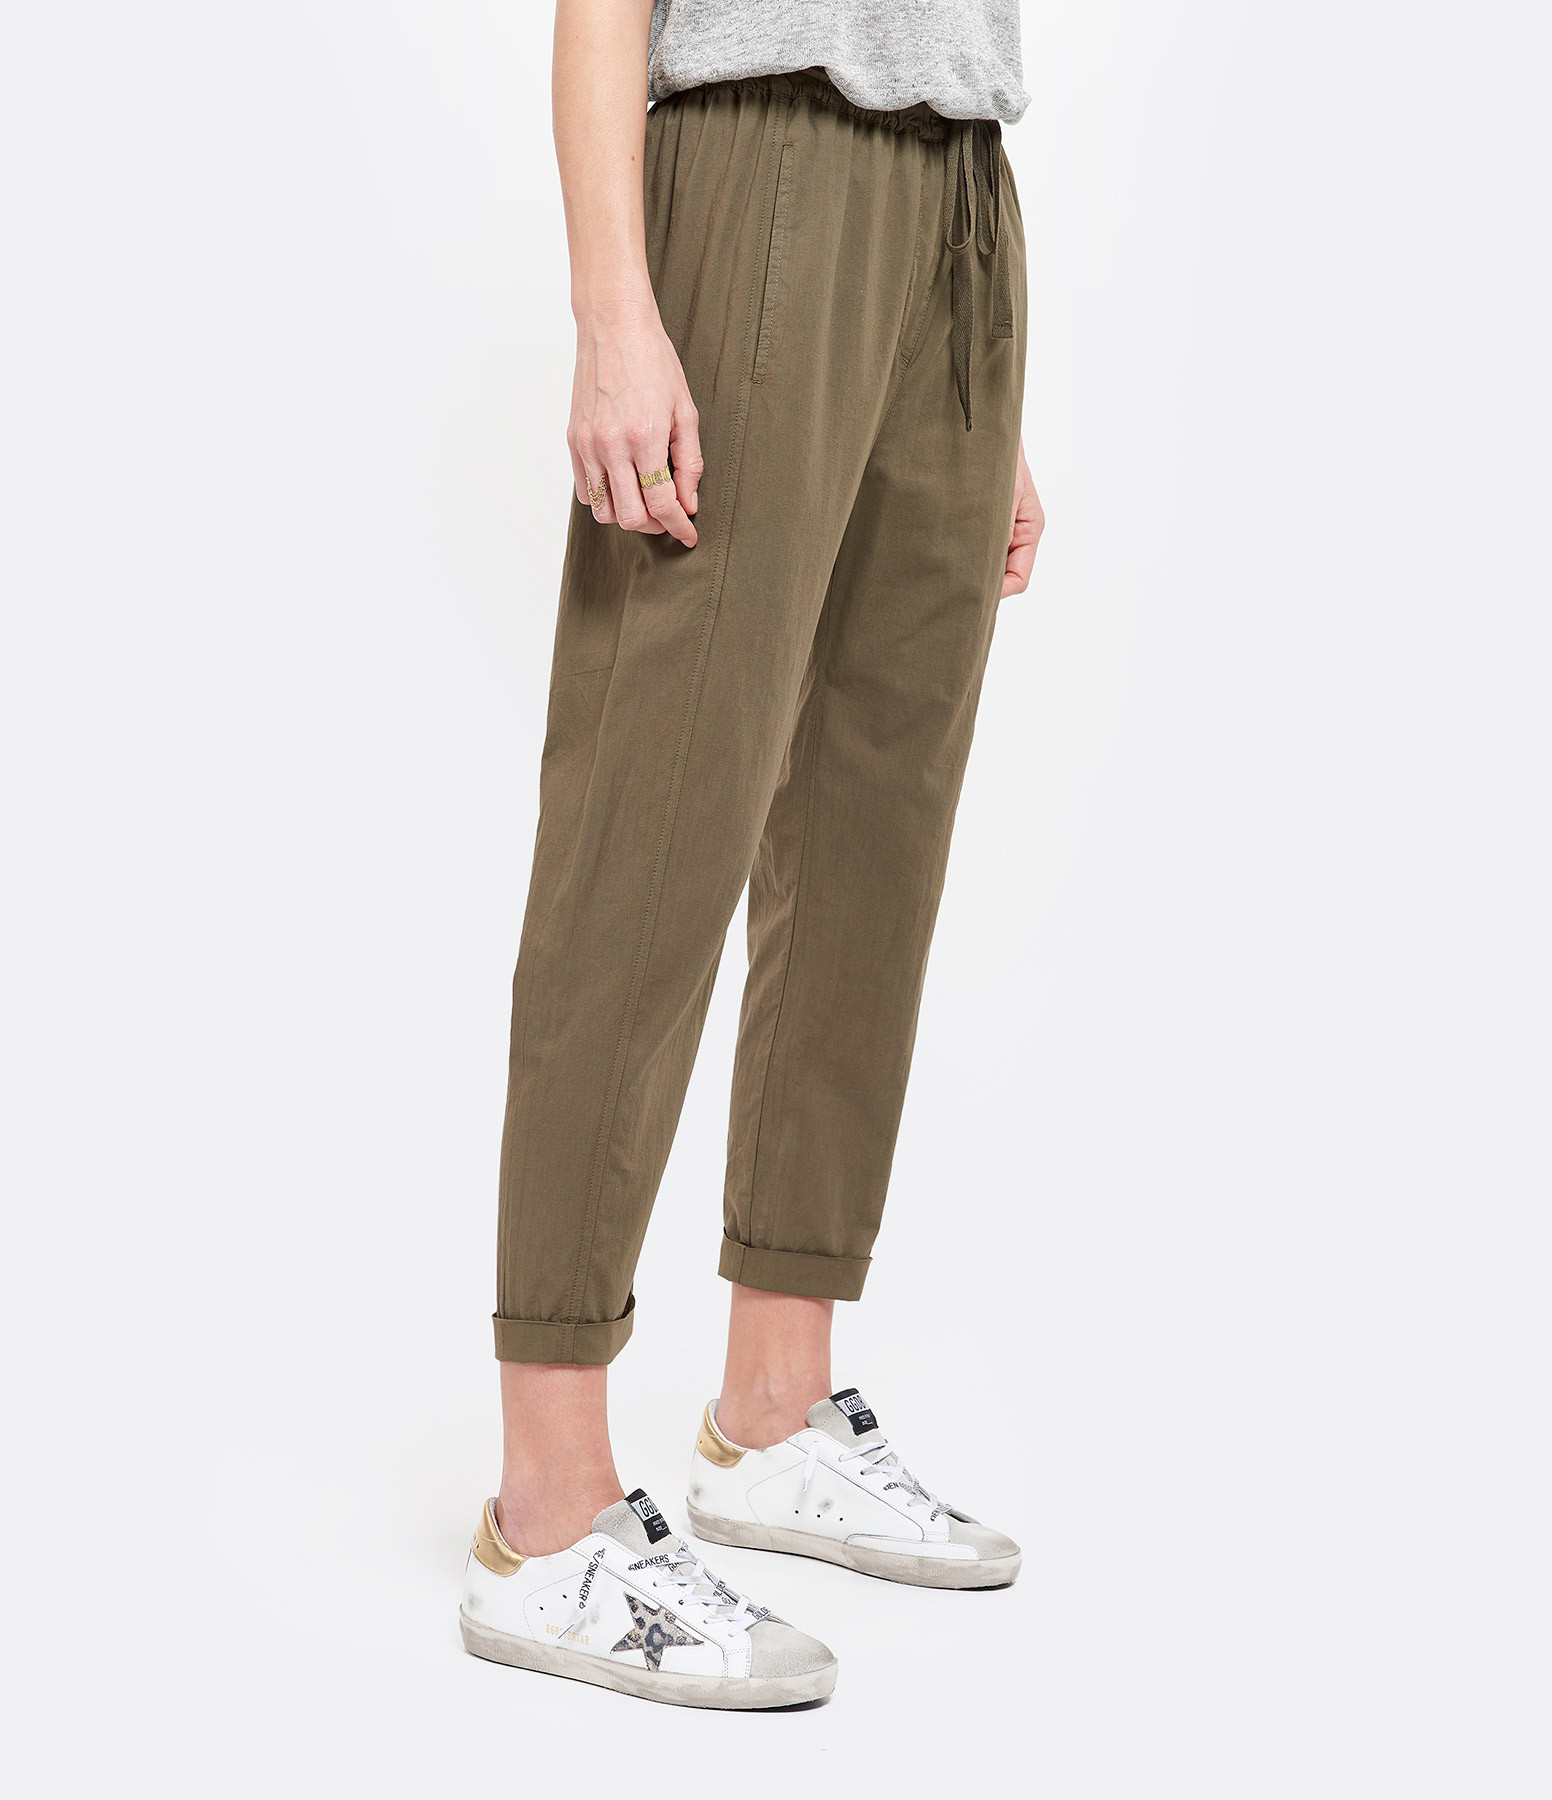 XIRENA - Pantalon Draper Marron